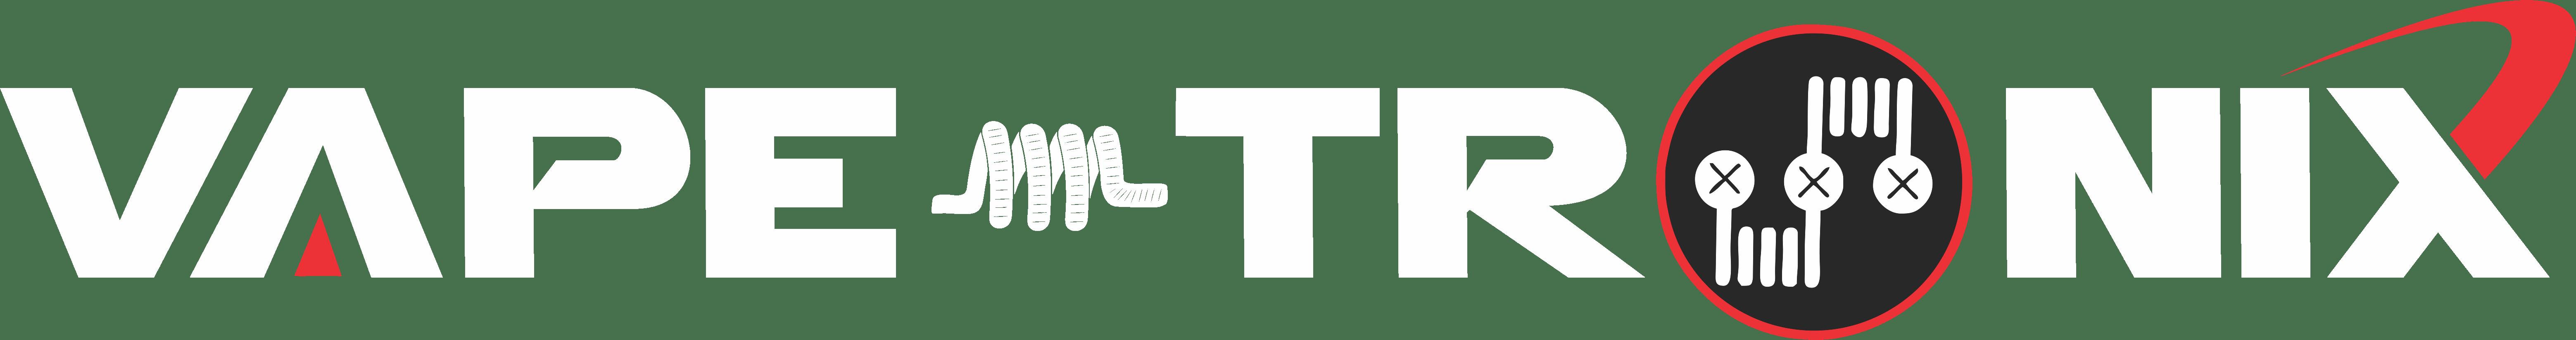 vape-tronix-logo-v13-1-White.png